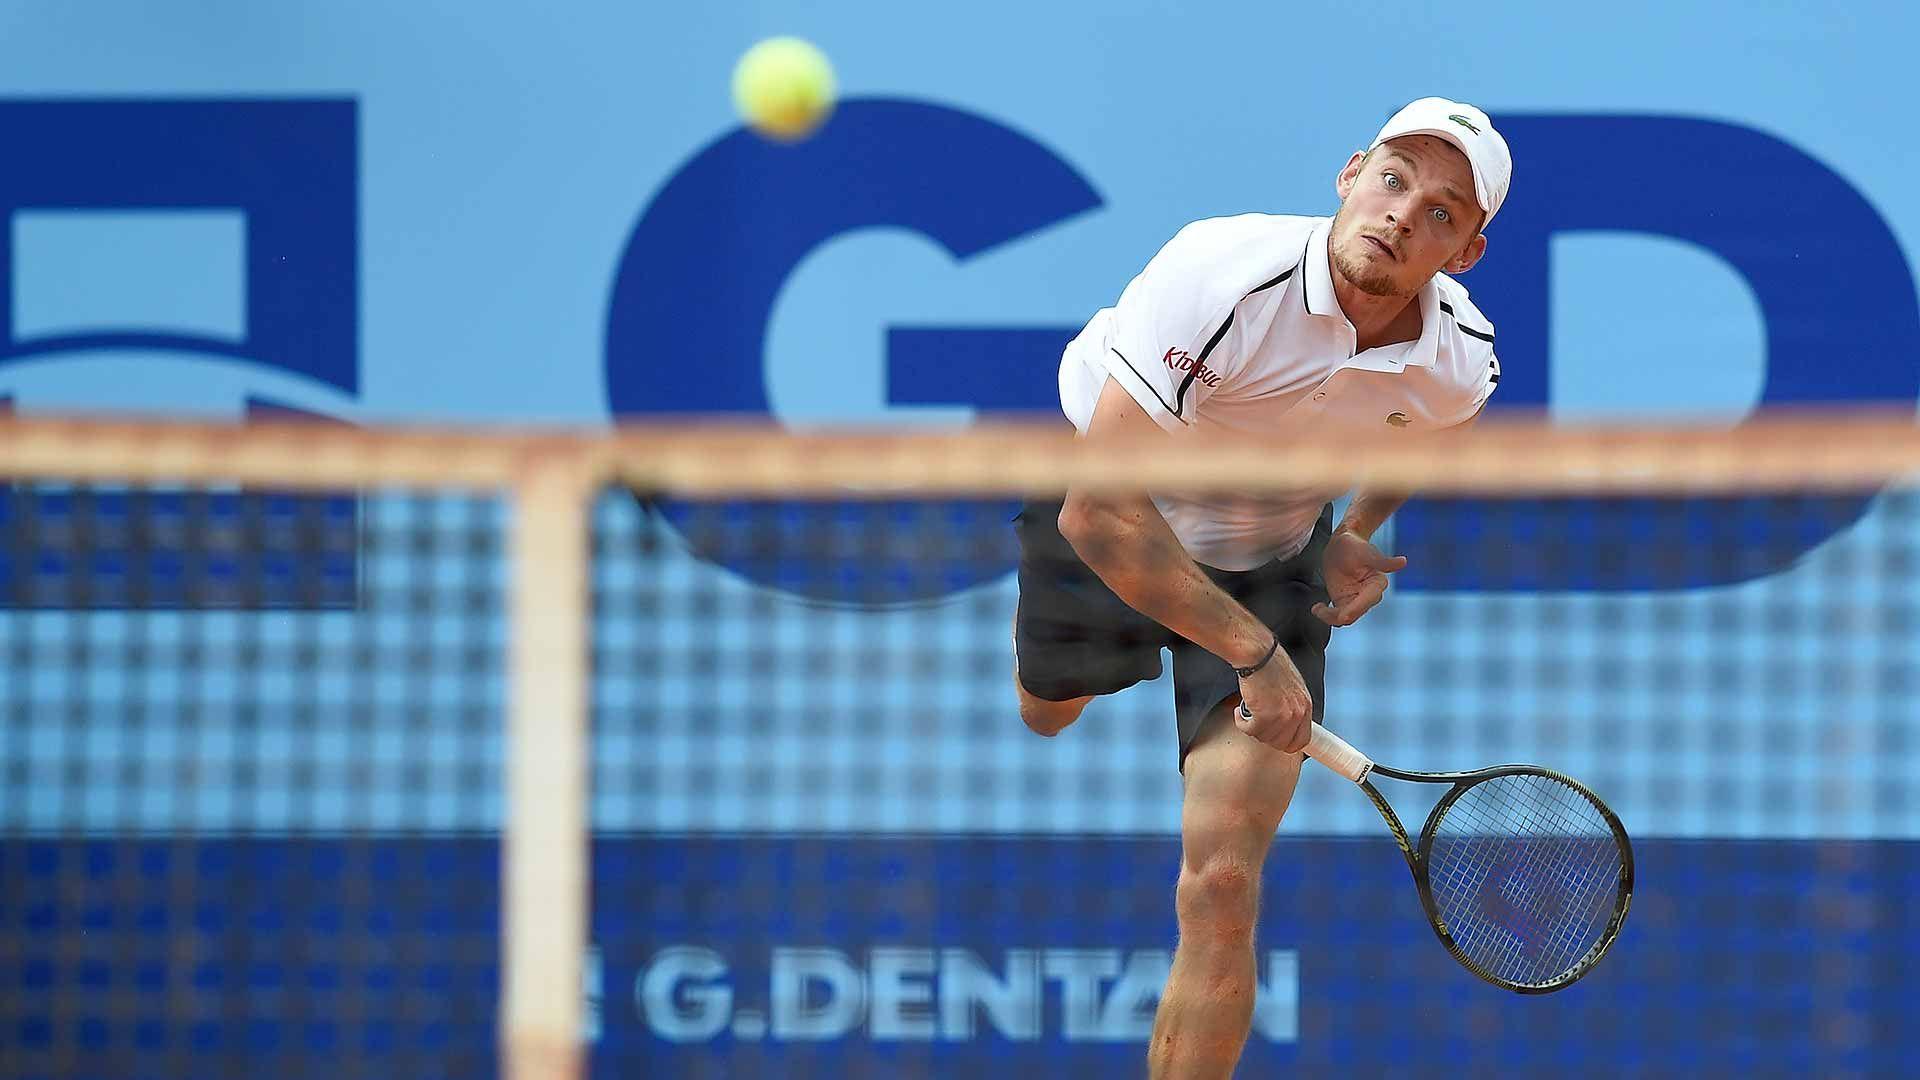 Ranking ATP Live: La situazione aggiornata in tempo reale. Best ranking per David Goffin ...